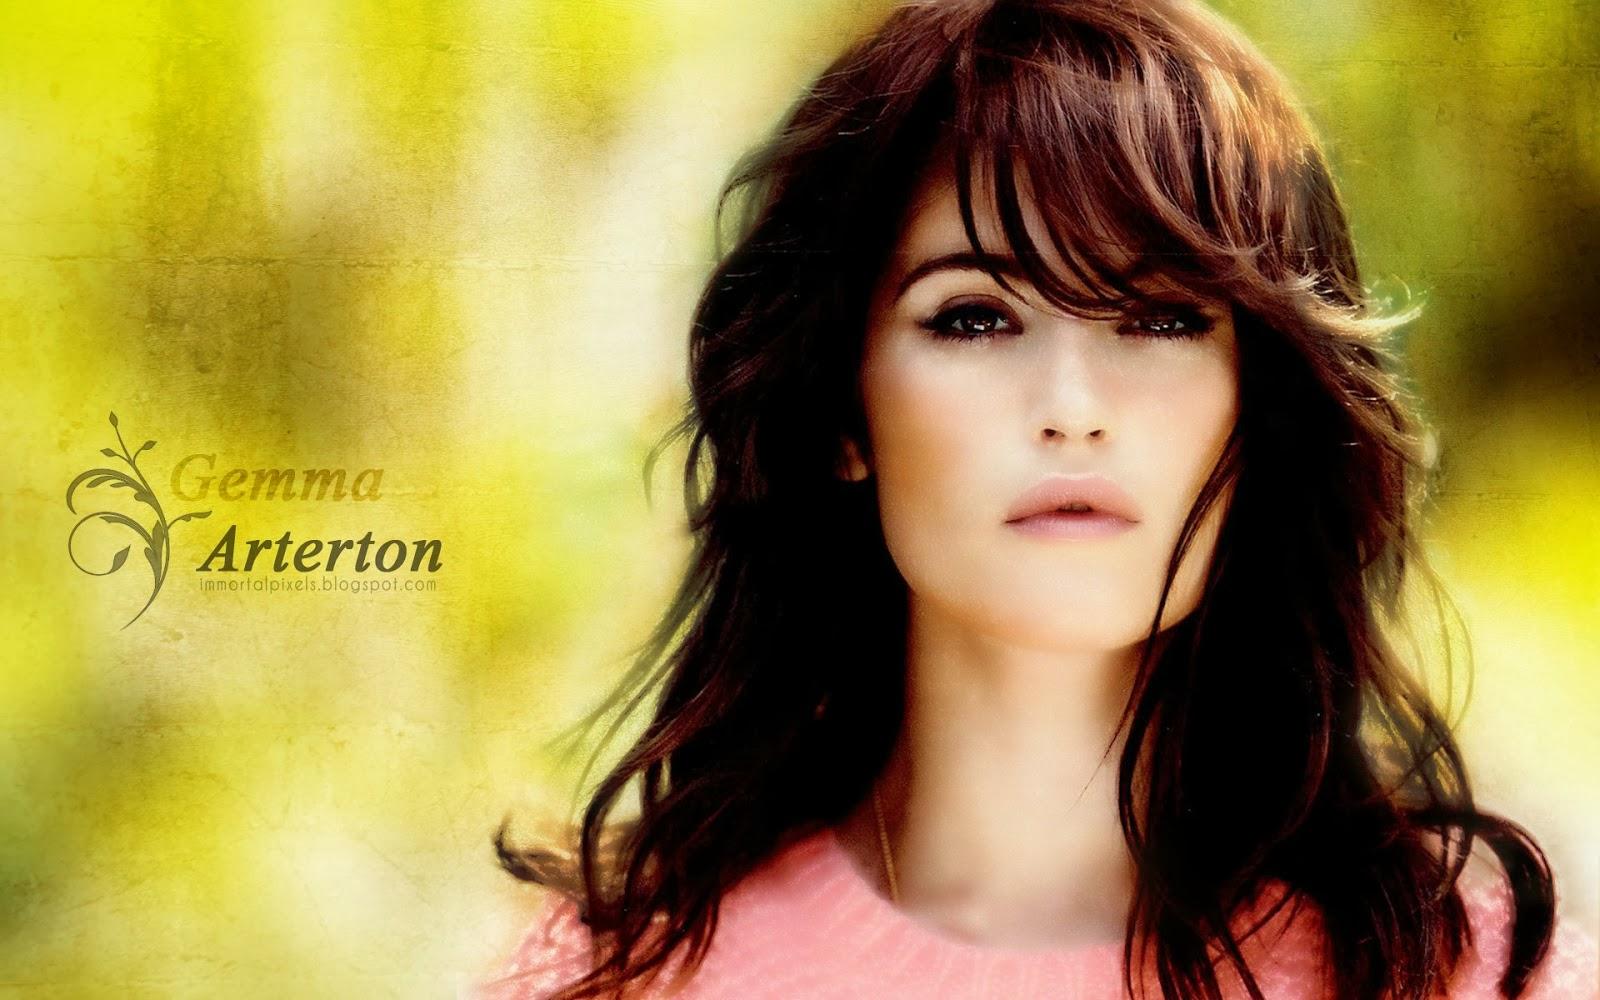 Gemma arterton hd clipart 1920x1200.